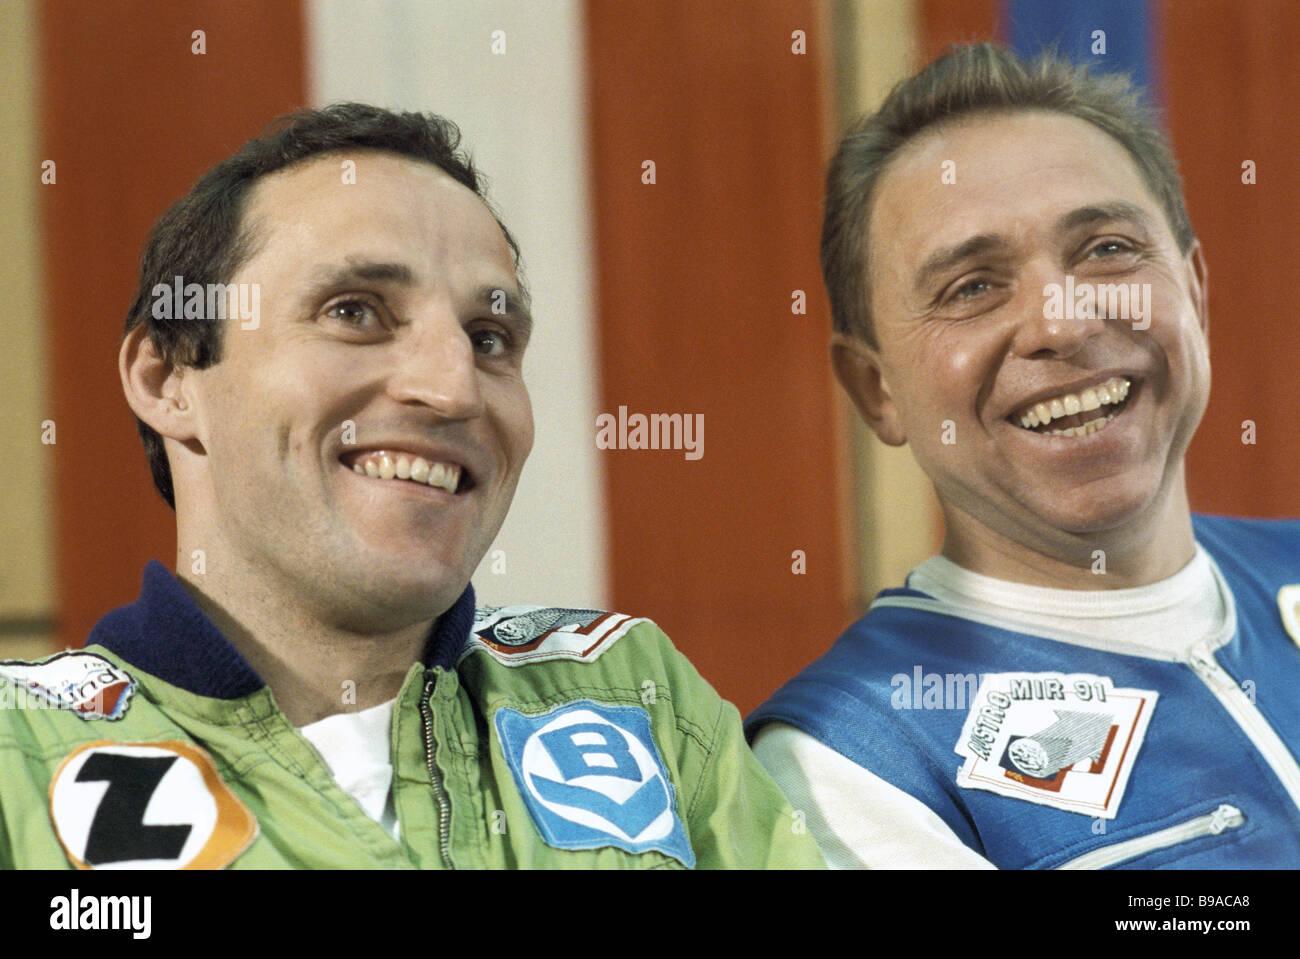 La tripulación de la nave Soyuz TM 13 astronauta austríaco Franz Viehboeck izquierda y héroe de la Imagen De Stock